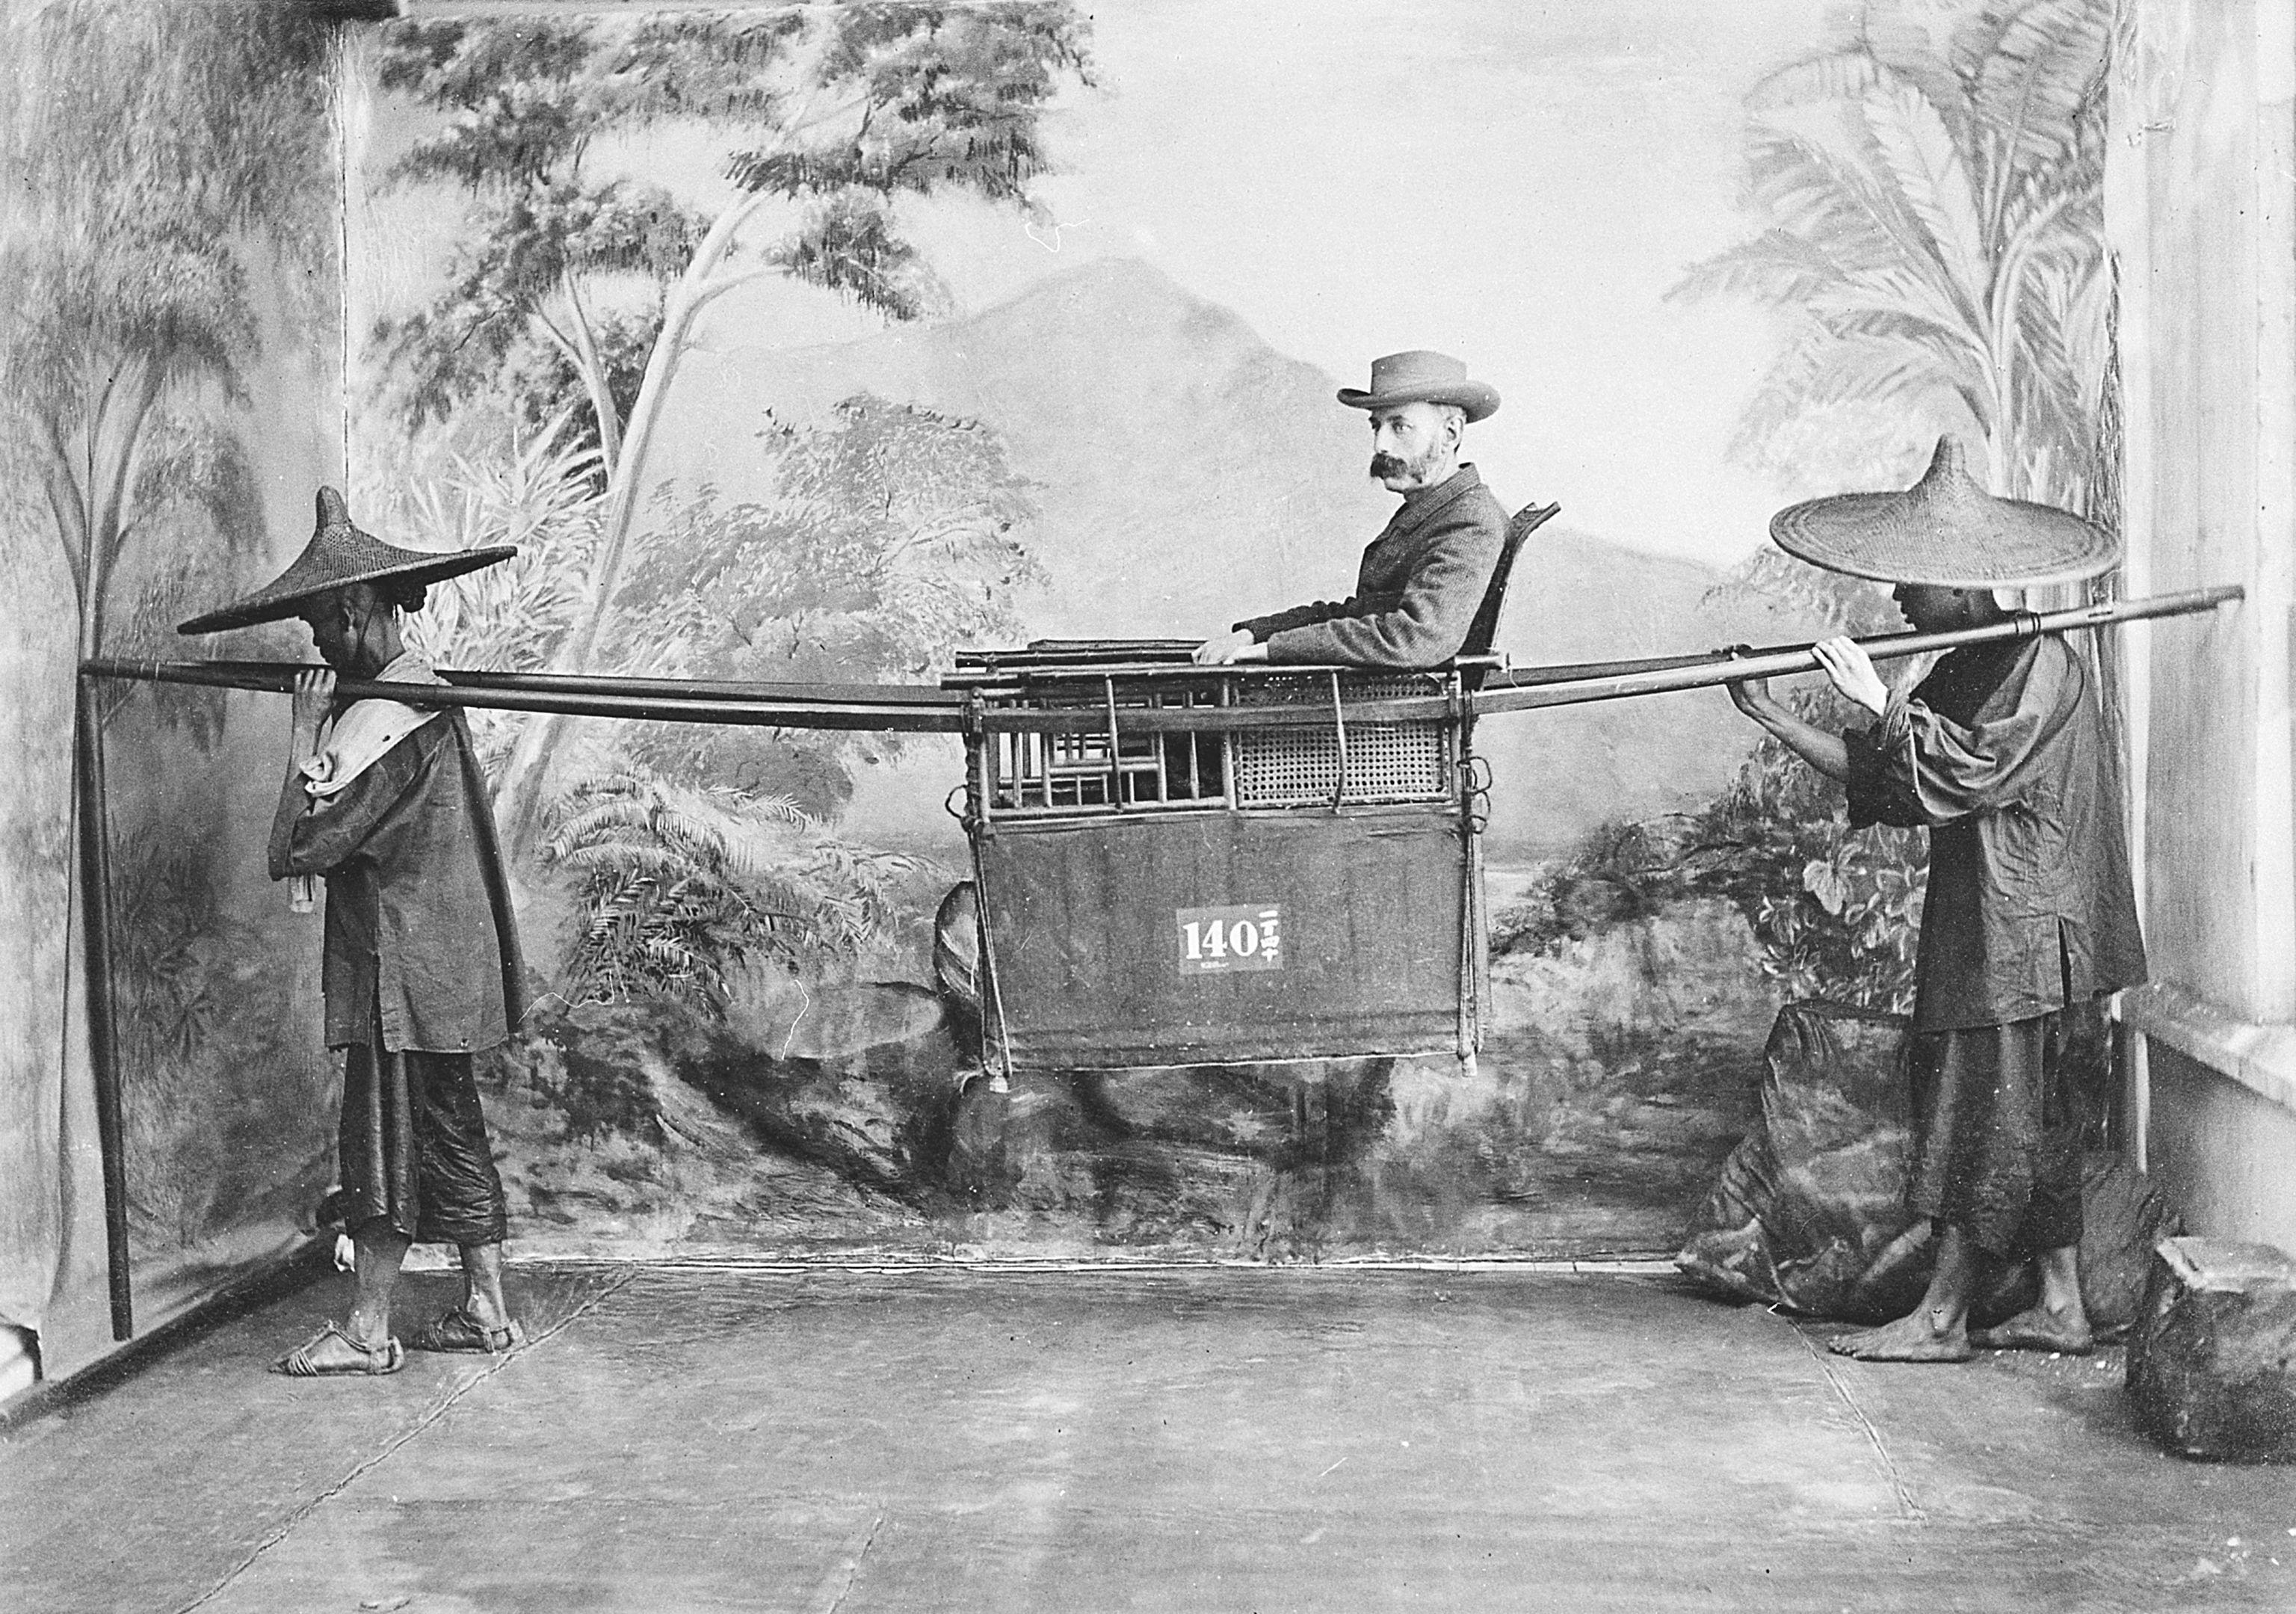 Harry Graf Kessler, ein Kosmopolit, der auf alles in der Welt neugierig war. 1891/92 reiste er um den Globus, dabei entstand in China oder Südasien das Foto in der Sänfte (Foto: DLA Marbach)